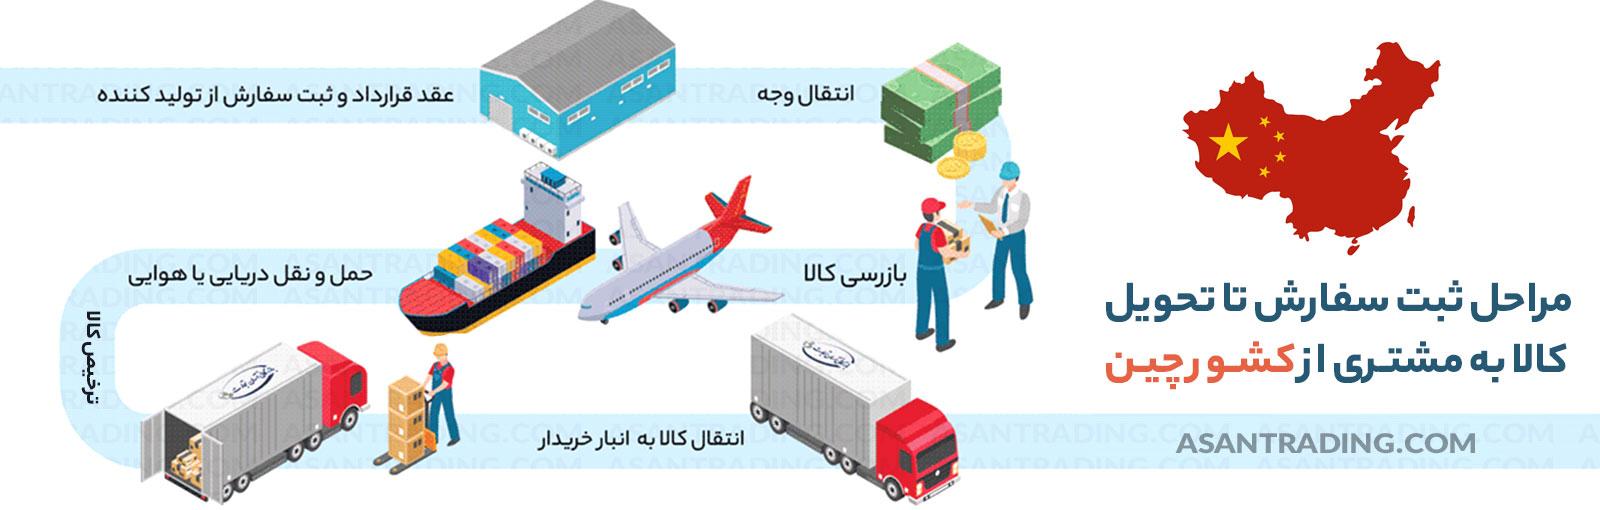 مراحل ثبت سفارش تا تحویل کالا از چین